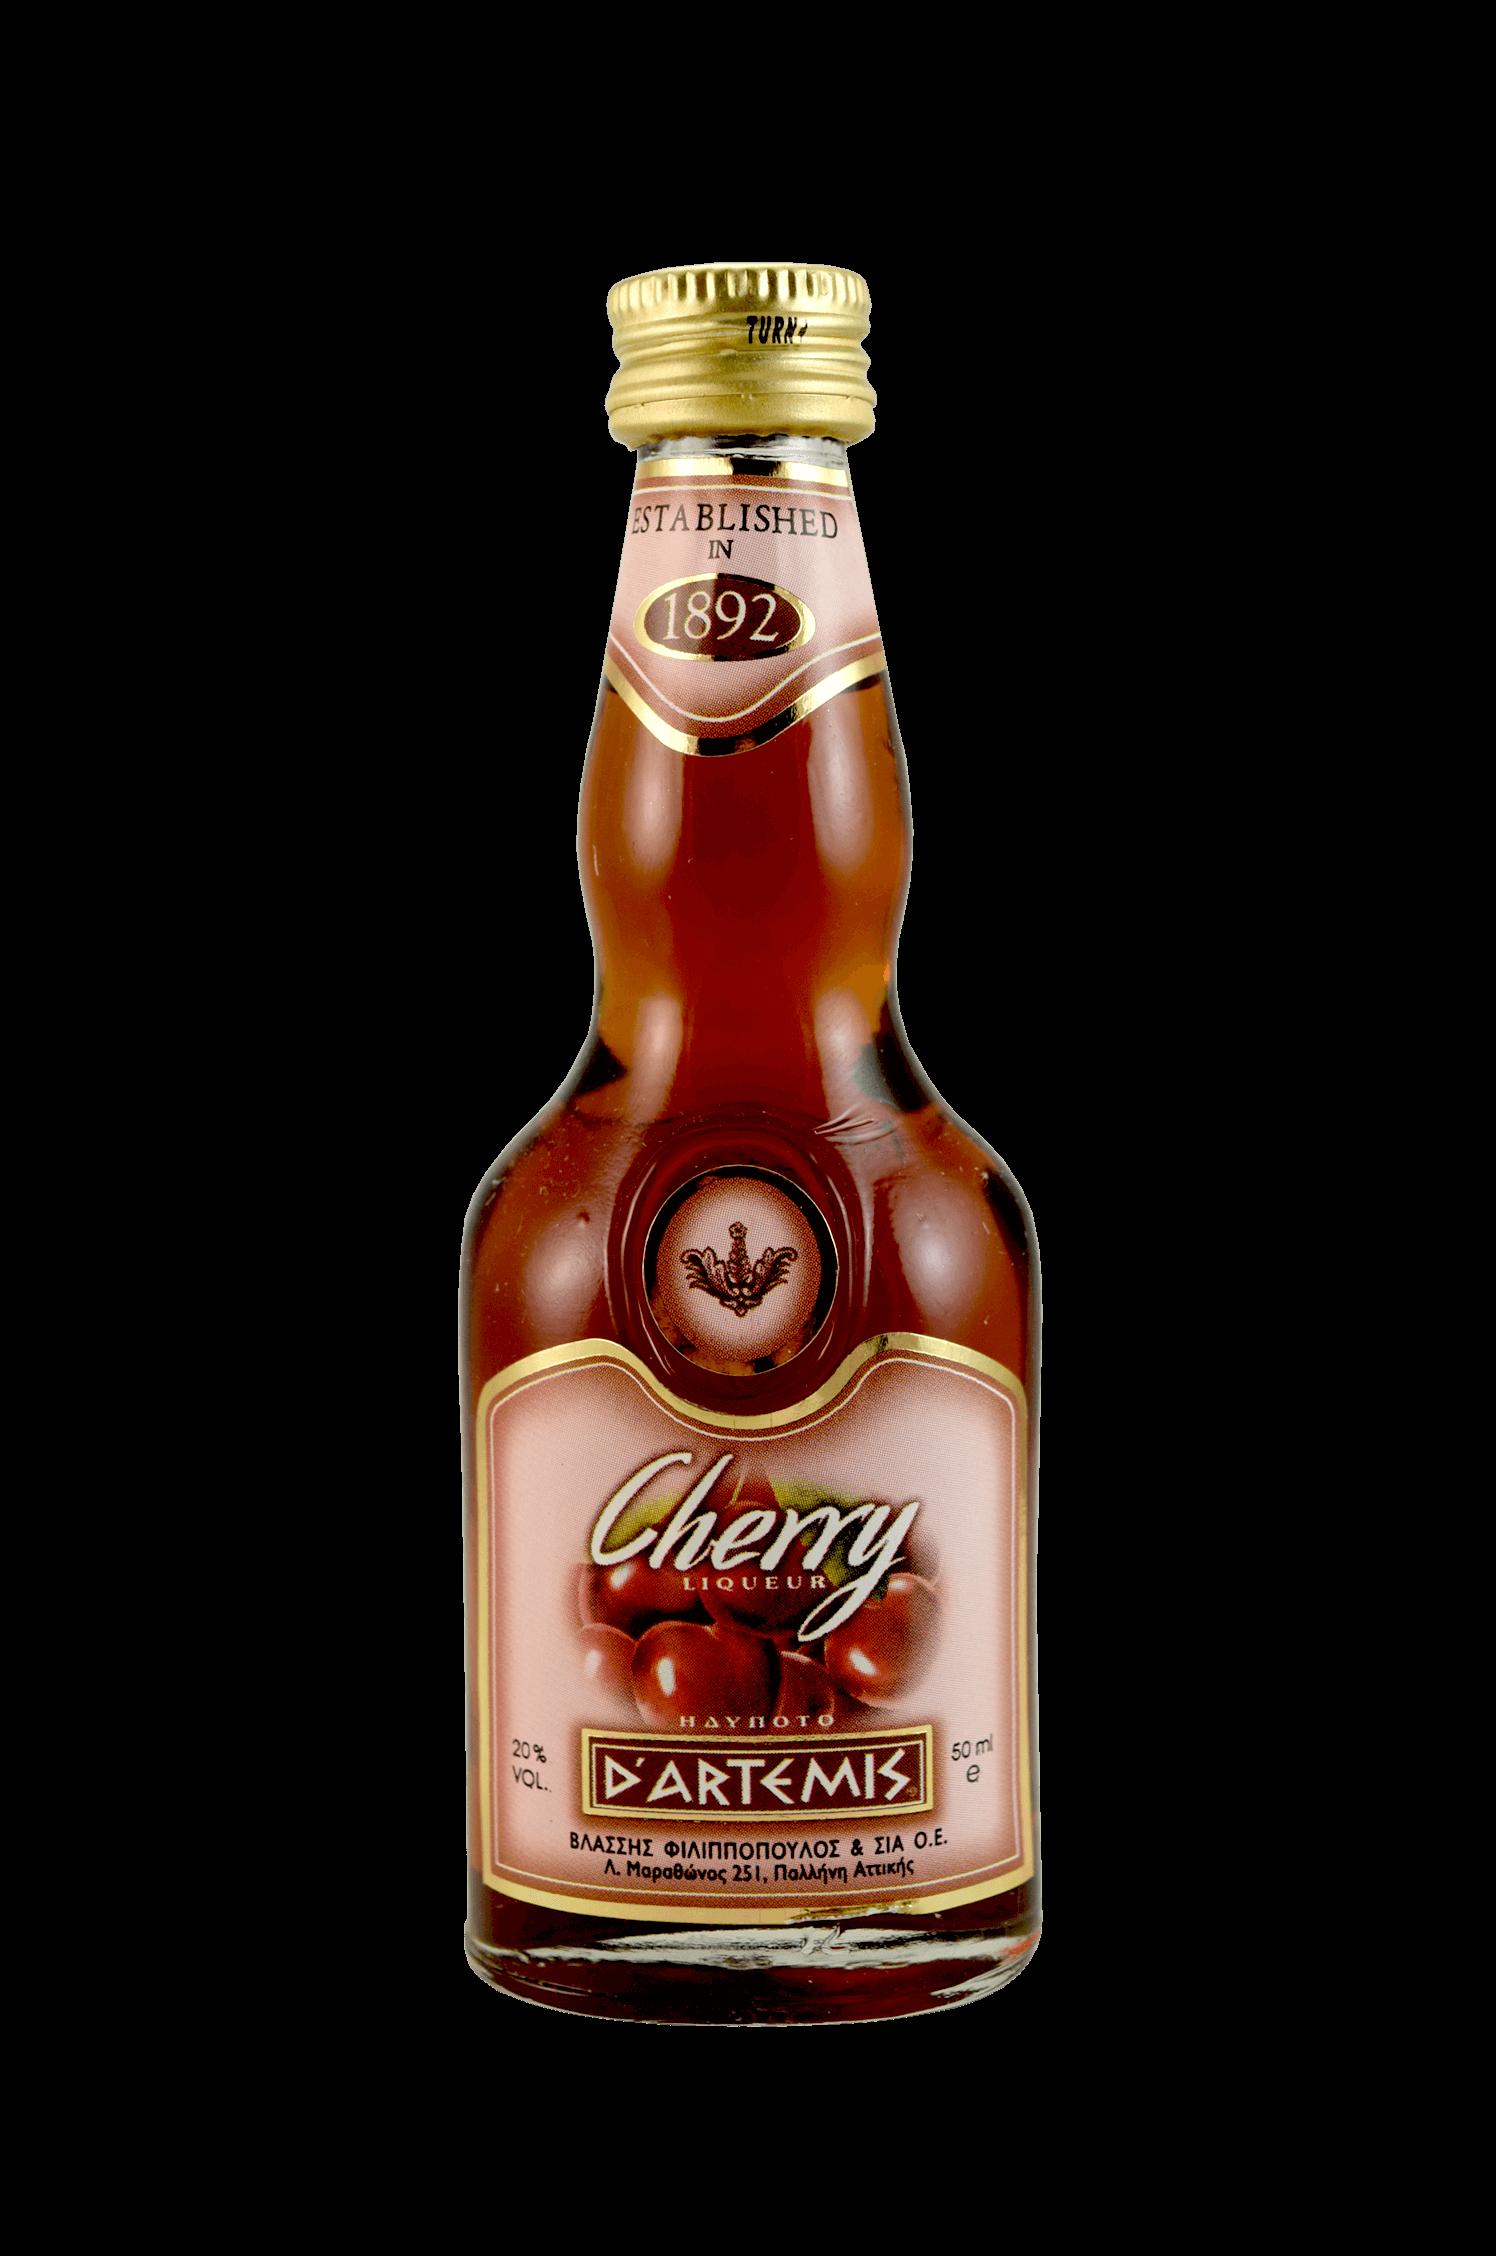 D'artemis Cherry Liqueur